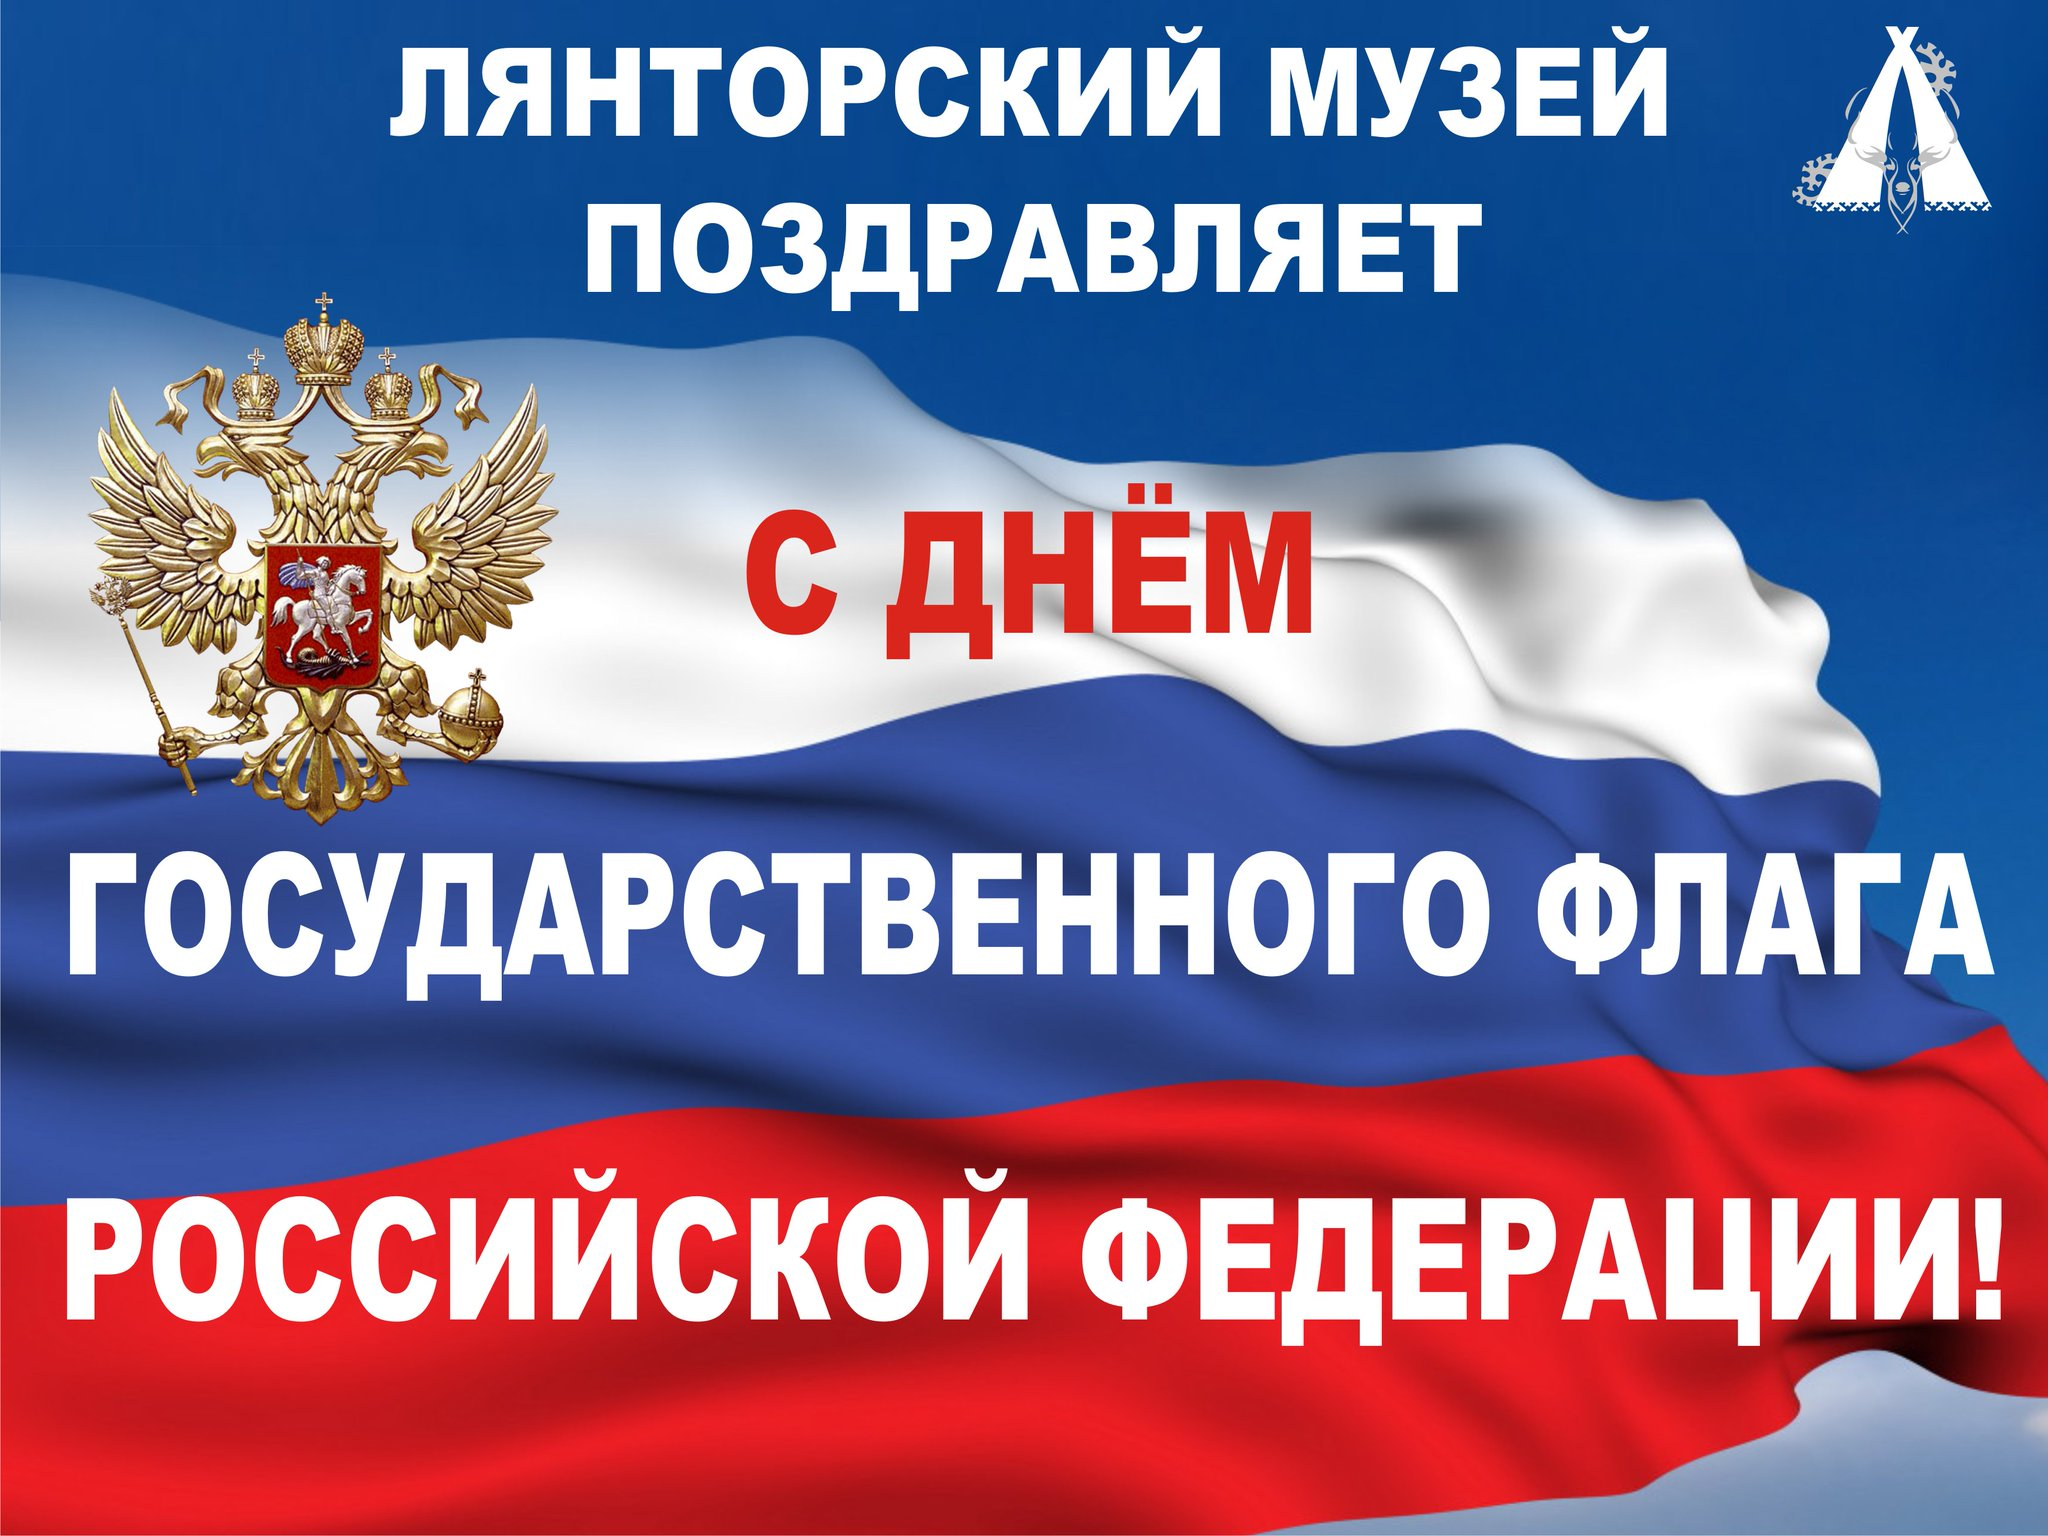 всего говорящая стена поздравлений с праздником флаг россии бородавок